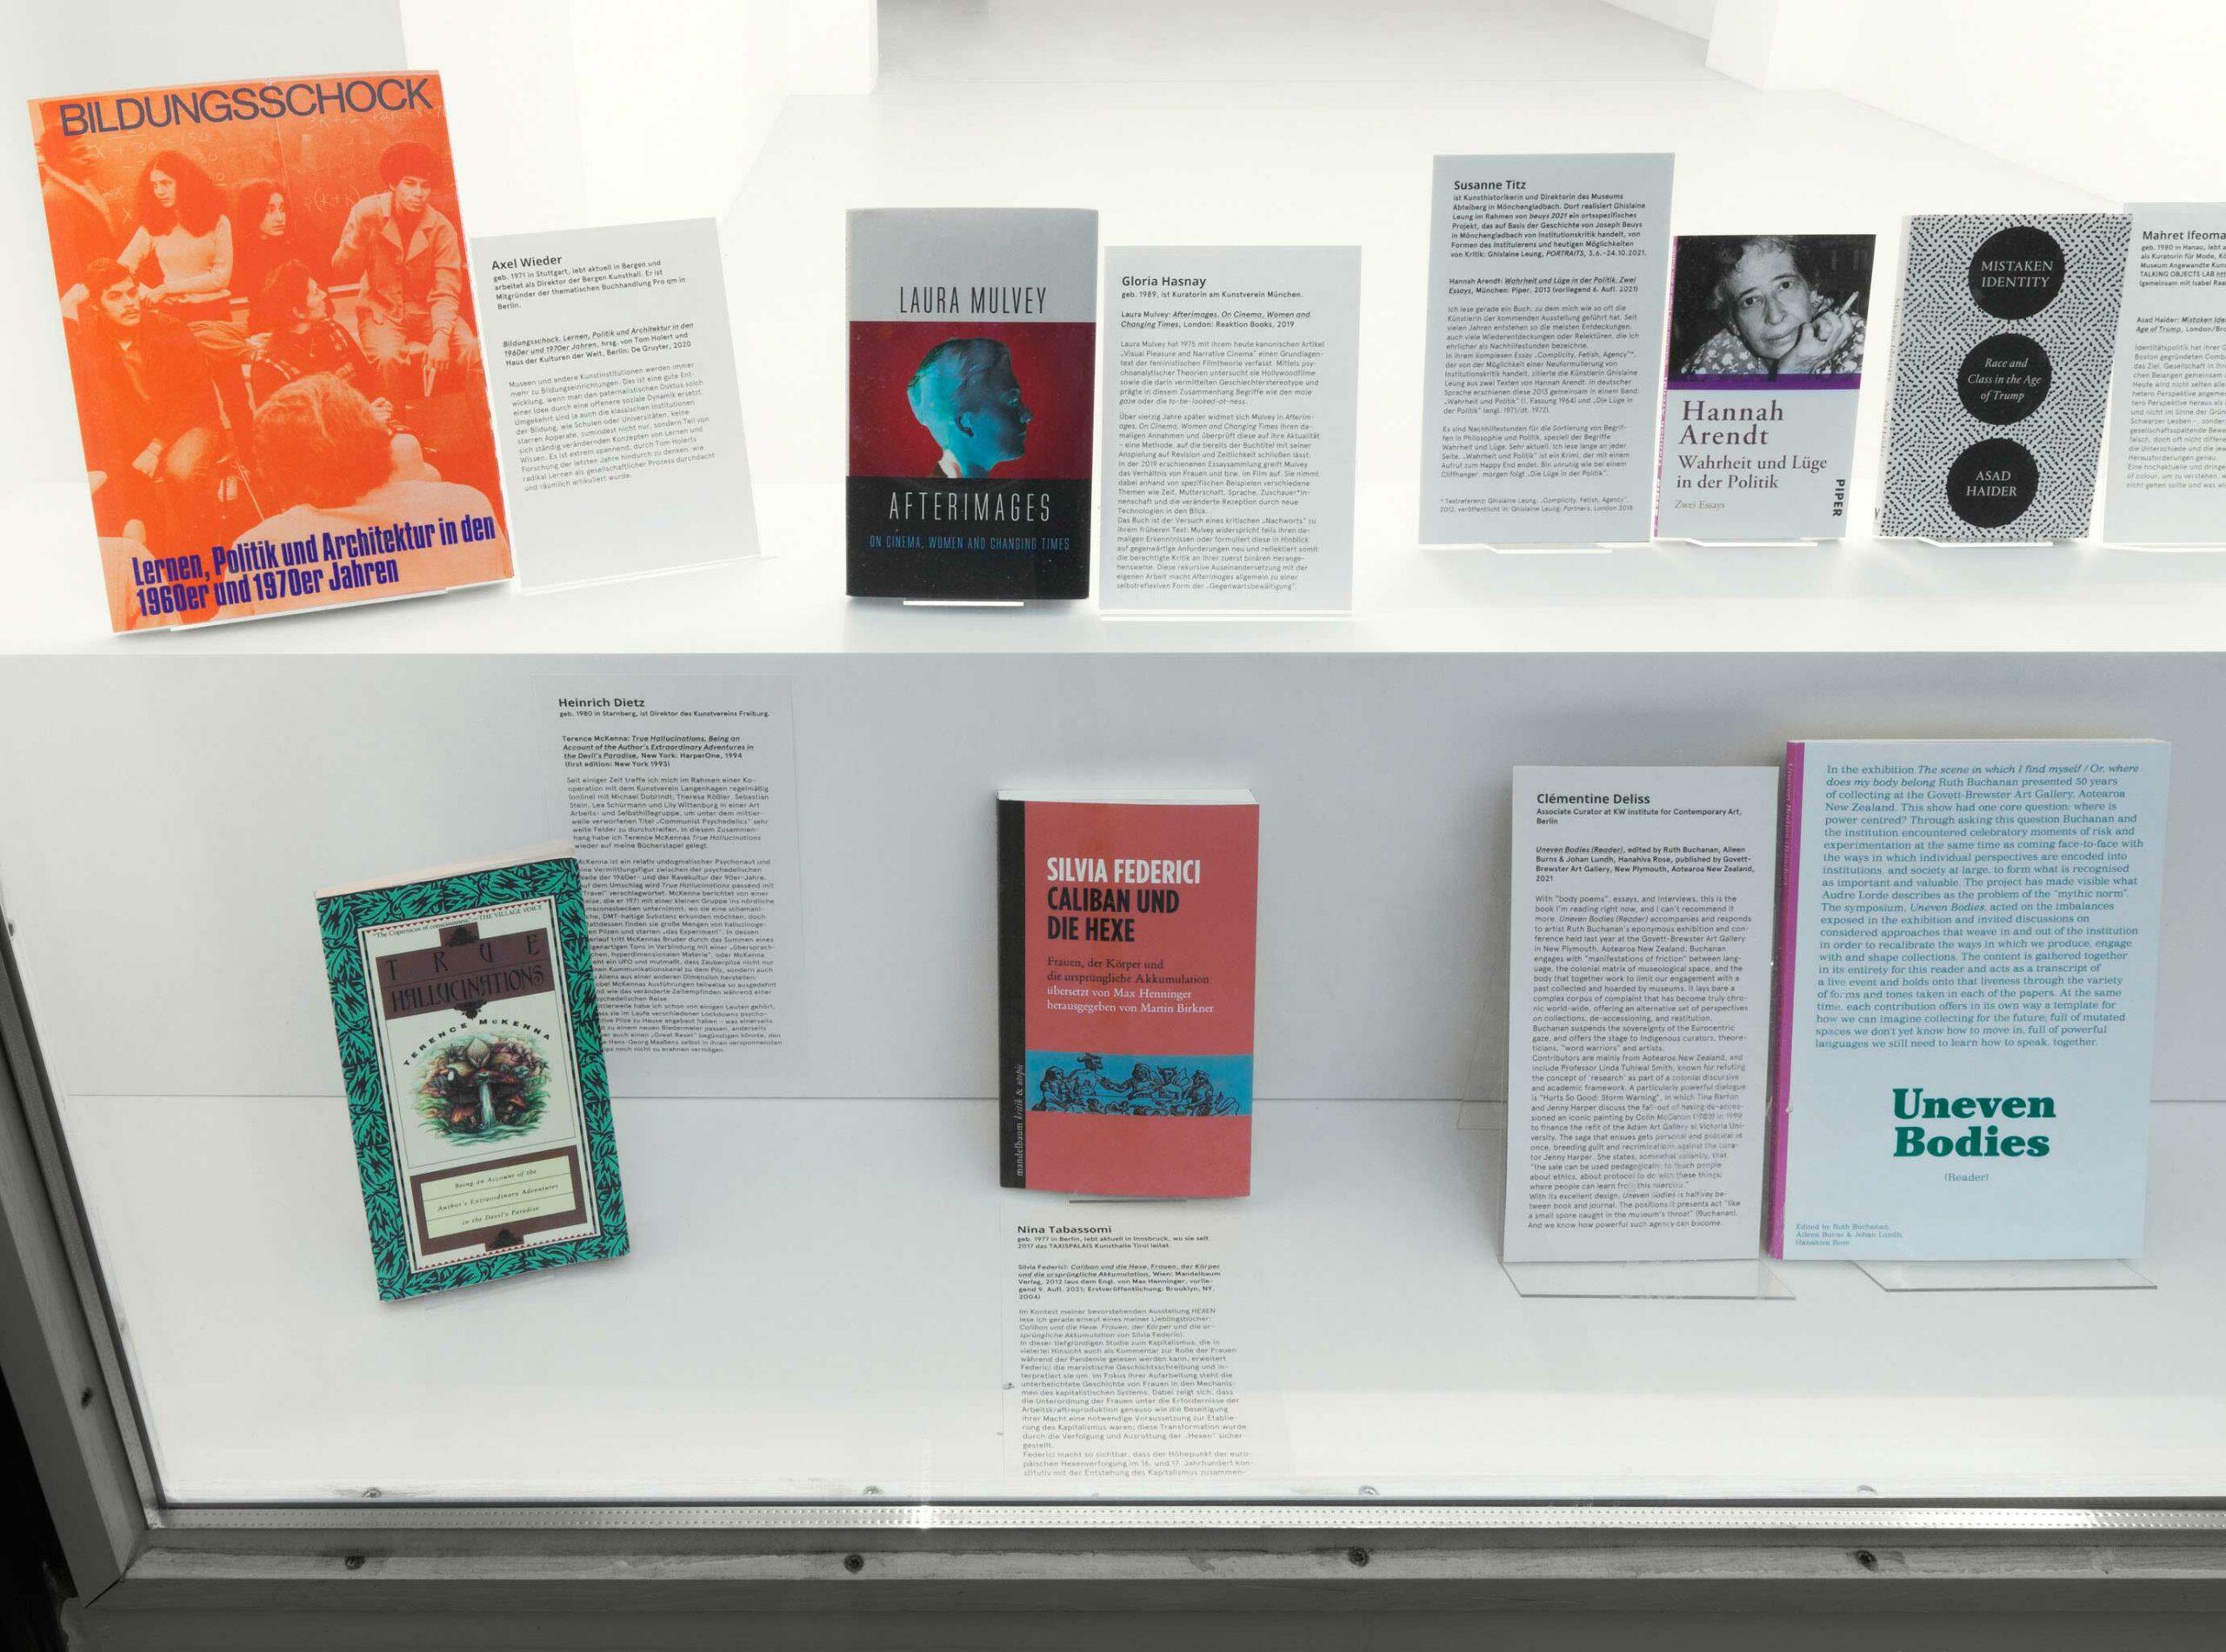 """<p>Oben: Axel Wieder – """"<i>Bildungsschock. Lernen, Politik und Architektur in den 1960er und 1970er Jahren</i>"""", Gloria Hasnay – """"Laura Mulvey: <i>Afterimages. On Cinema, Women and Changing Times</i>"""", Susanne Titz – """"Hannah Arendt: <i>Wahrheit und Lüge in der Politik. Zwei Essays</i>"""".<br>Unten: Heinrich Dietz – """"Terence McKenna: <i>True Hallucinations. Being an Account of The Author's Extraordinary Adventures ...</i>"""", Nina Tabassomi – """"Silvia Federici: <i>Caliban und die Hexe. Frauen, der Körper und die ursprüngliche Akkumulation</i>"""", Clémentine Deliss – """"<i>Uneven Bodies (Reader)</i>"""", Foto: Jens Ziehe</p>"""